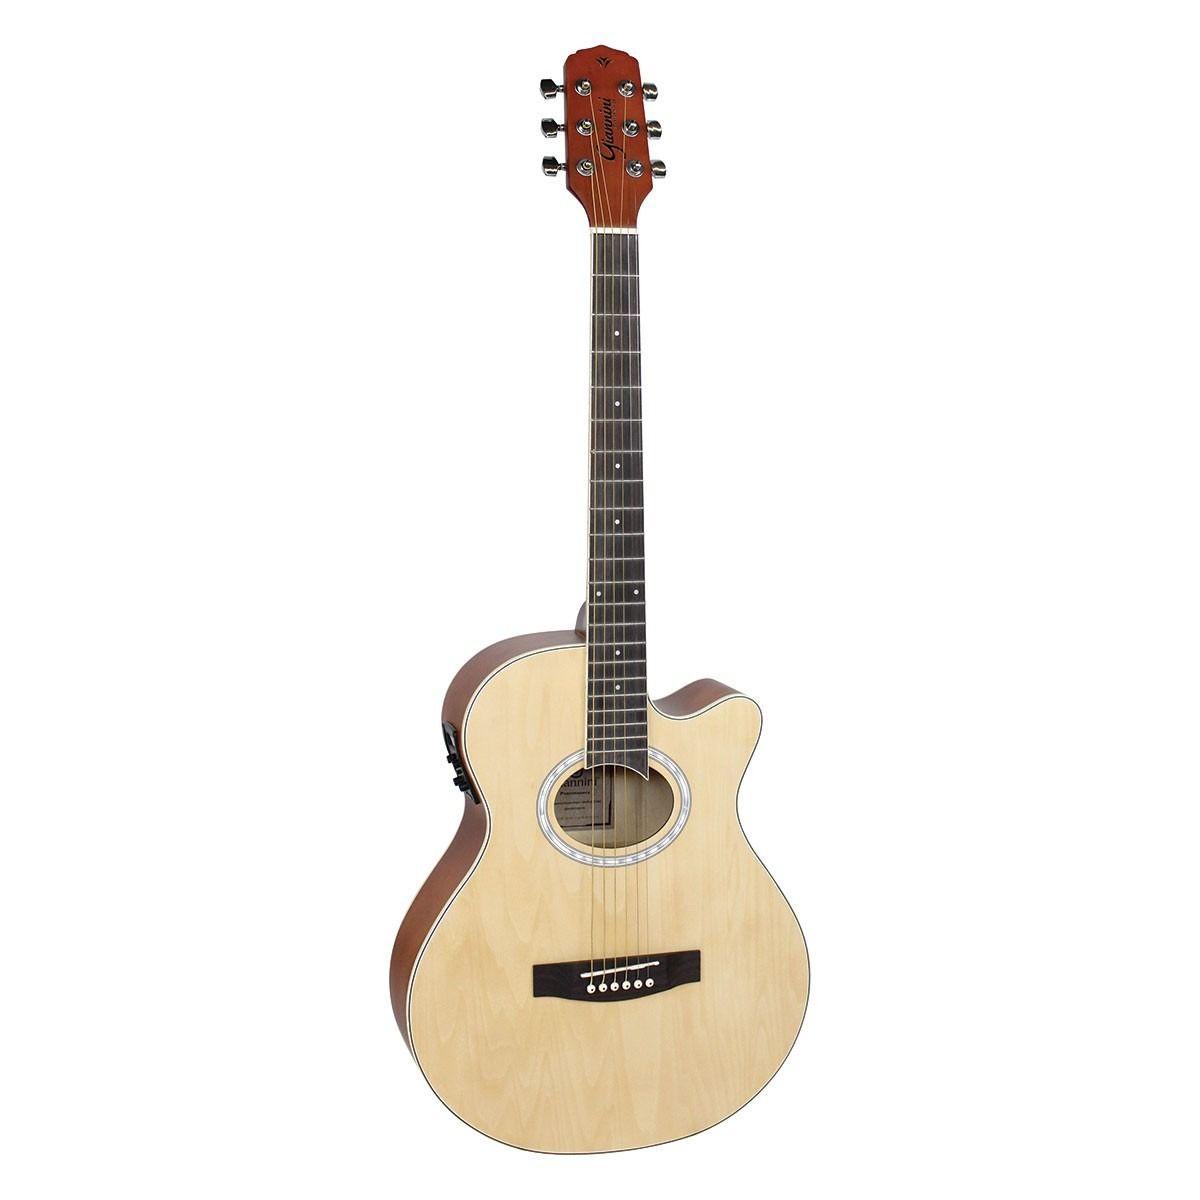 Violao Giannini Gsf-1D Ceq Aço Natural  - Luggi Instrumentos Musicais